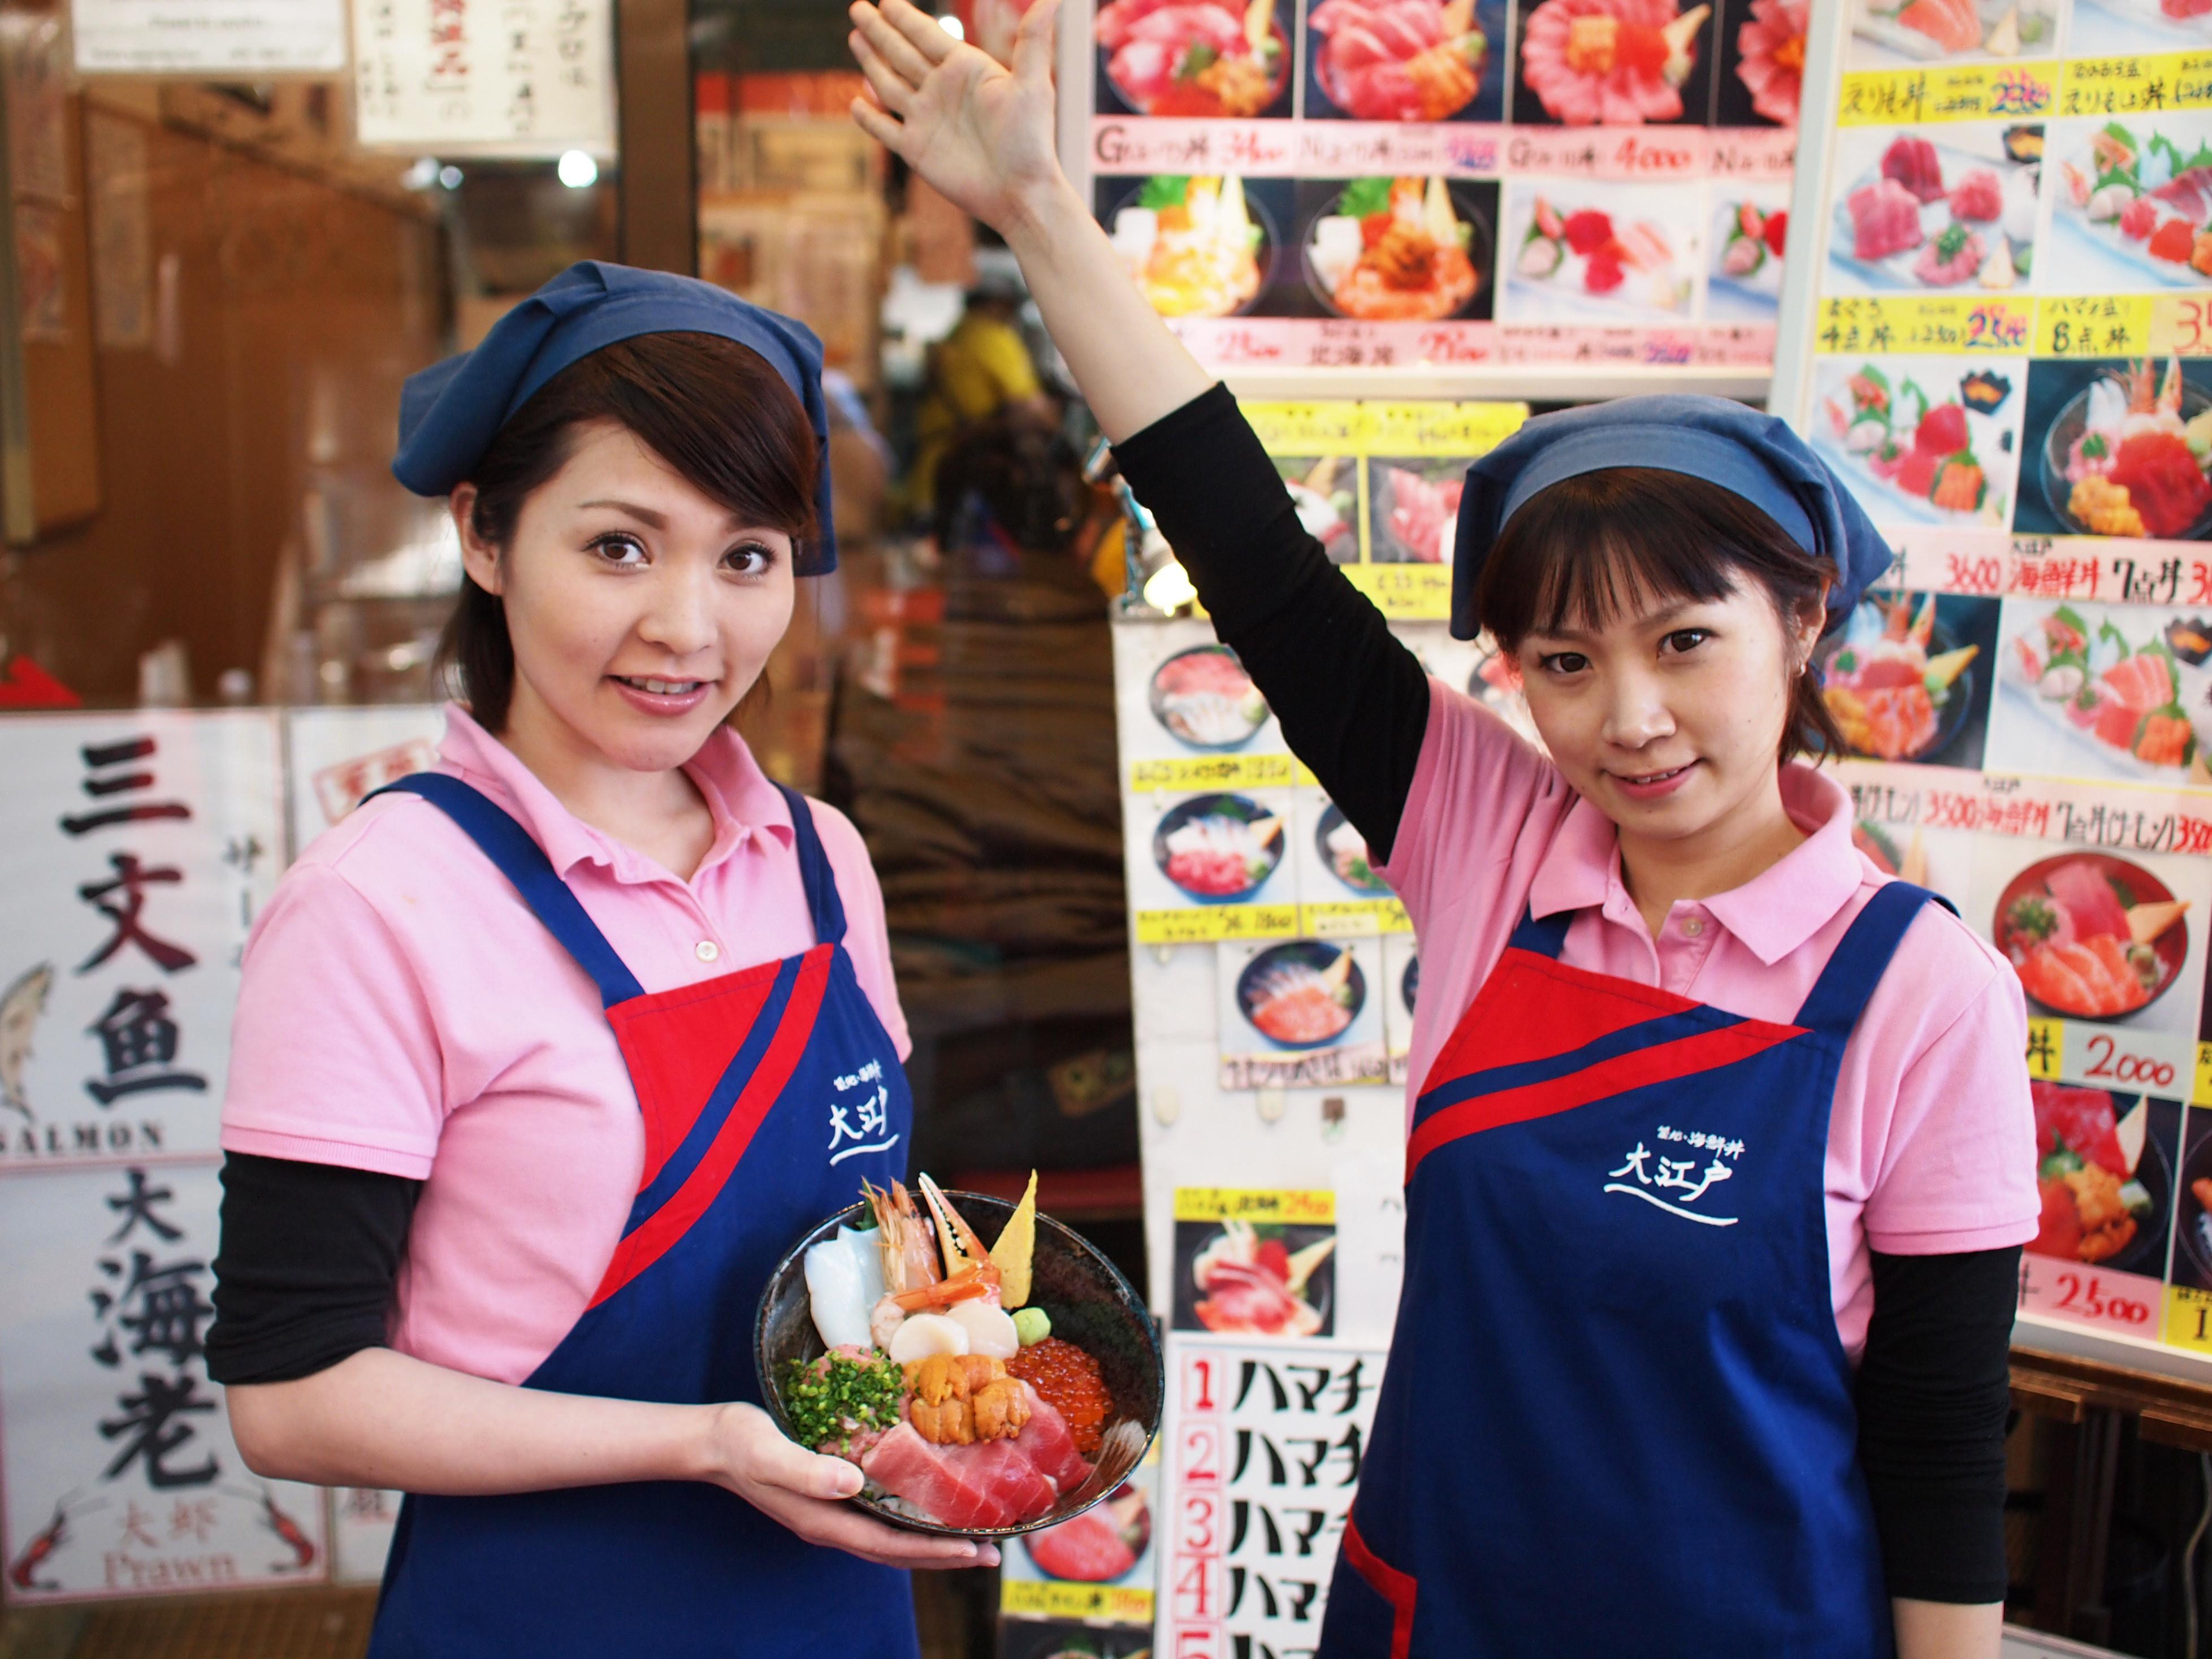 海鮮丼 大江戸 のアルバイト情報